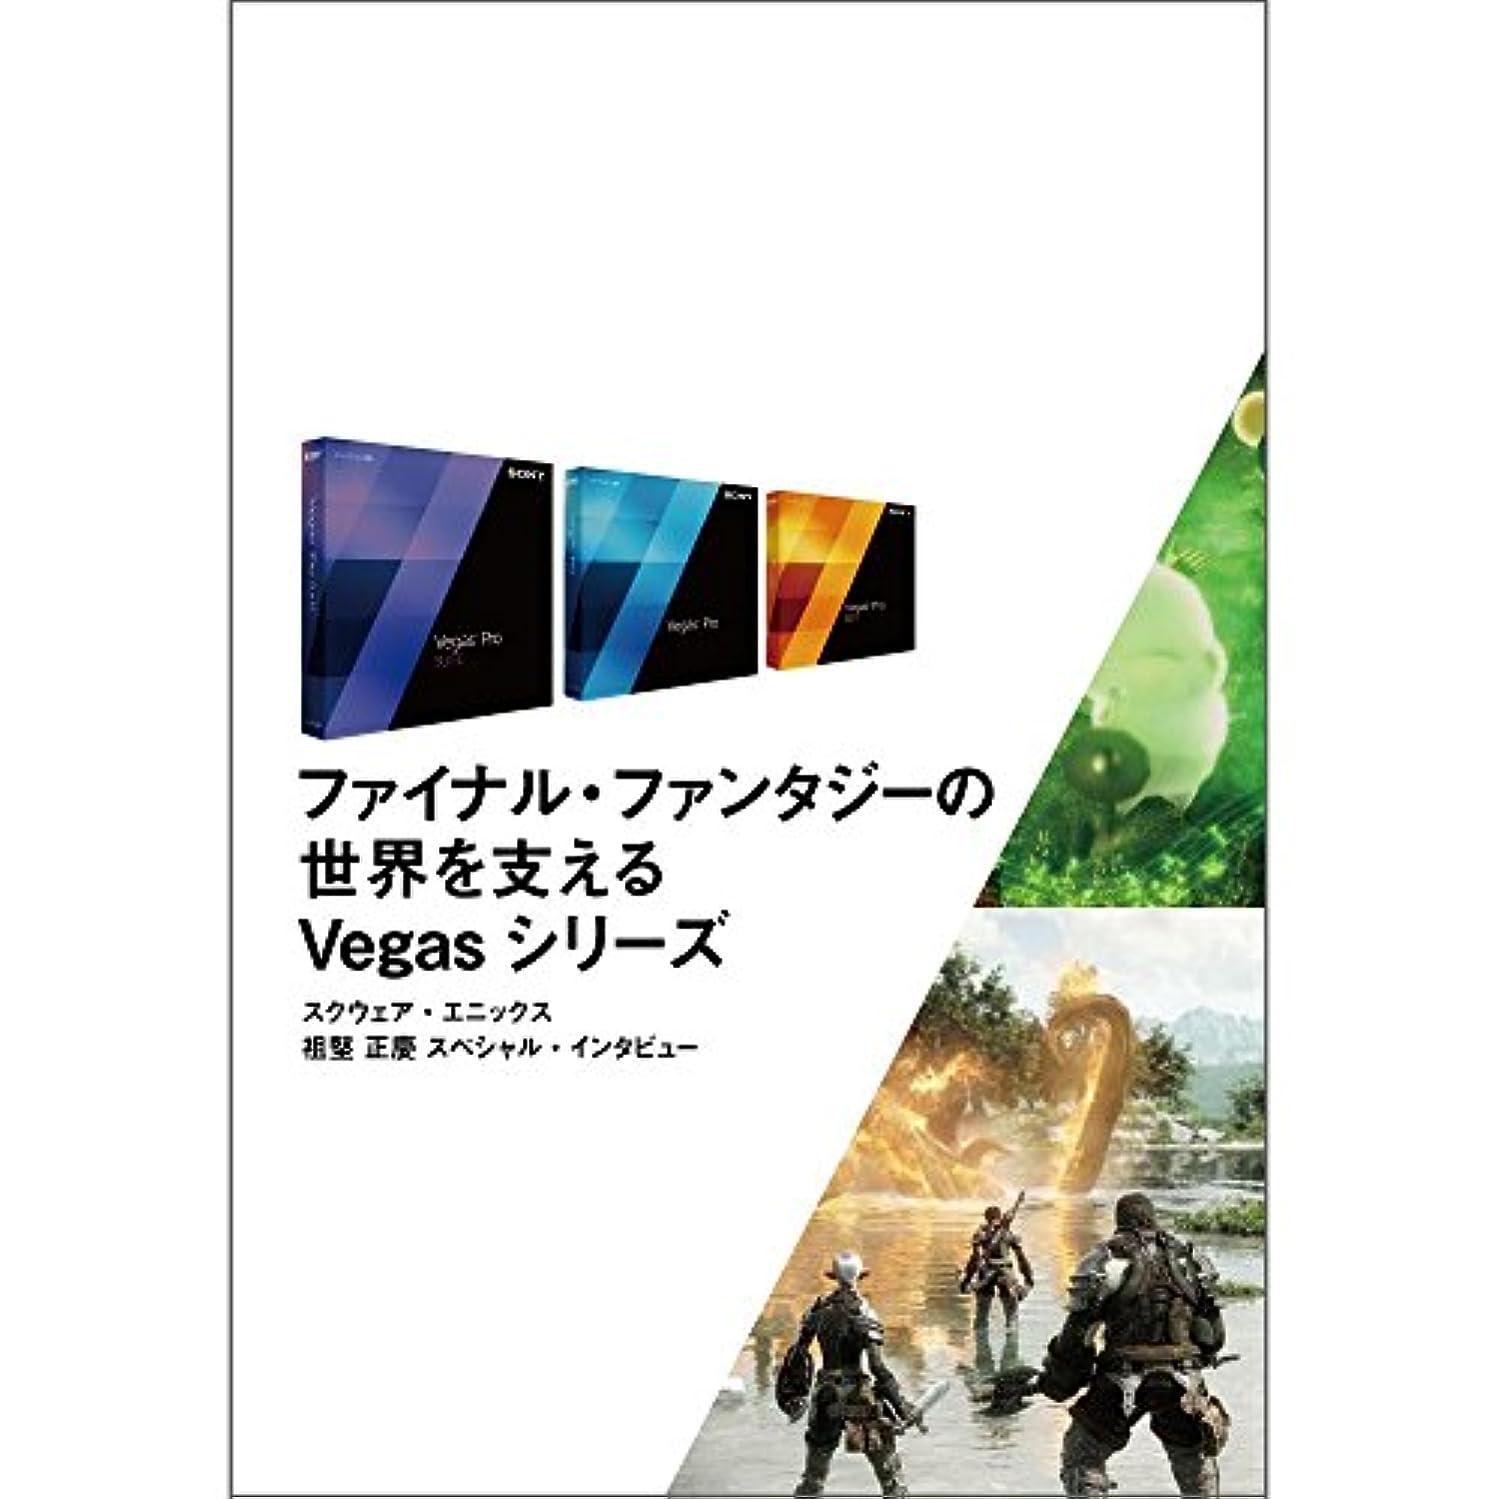 ファイナル?ファンタジーの世界を支える Vegasシリーズ スクウェア?エニックス 祖堅 正慶 スペシャル?インタビュー 無料版|PDF版|ダウンロード版